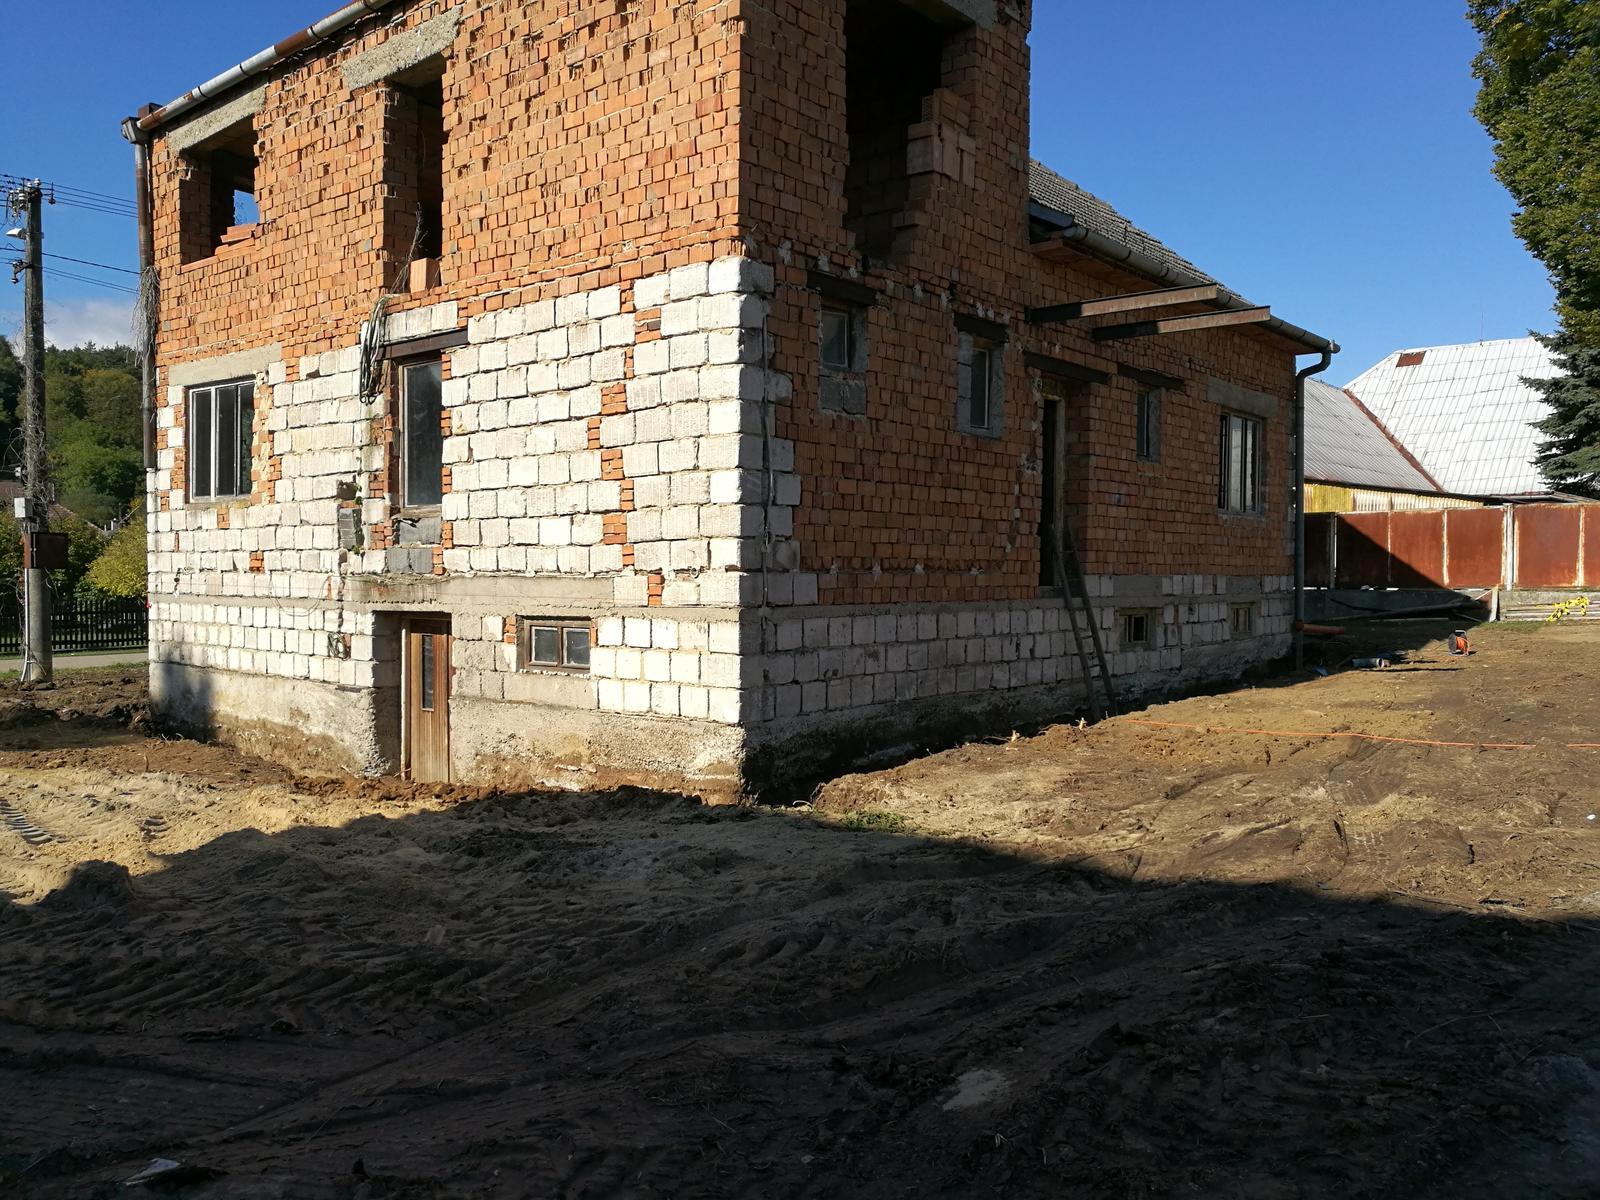 Rekonštrukcia veľmi starej stavby :) - prvotné vyrovnanie, robila nám to firma a skúsený bágrista - spätne najvašia chyba - odstránením pôvodných nerovností a tým, že nám vyspádovali pozemok priamo k domu sme od tohto momentu mali problém s vodou pri dažďoch.